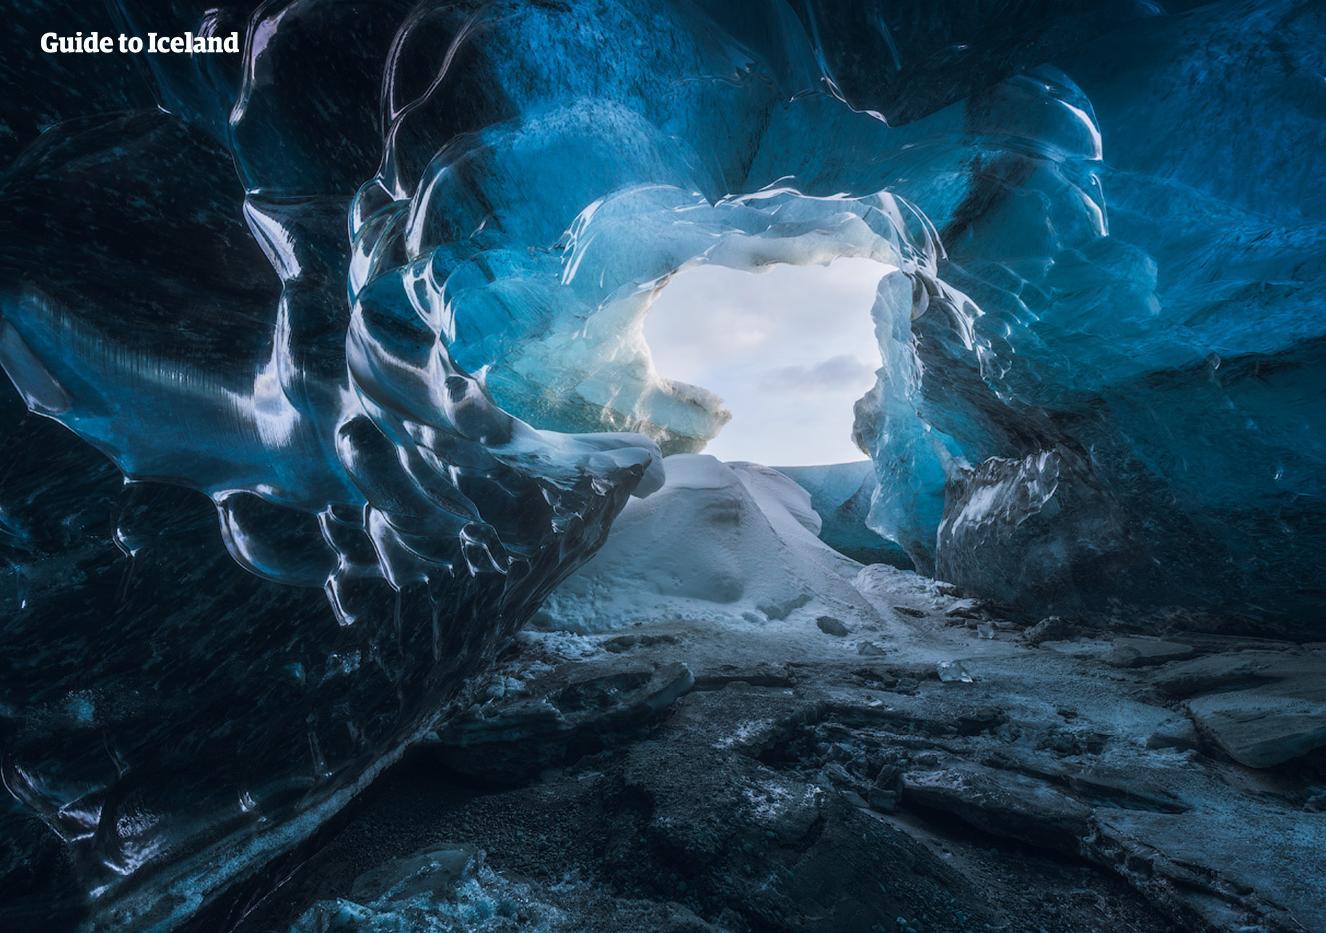 Les grottes de glace sont l'une des trois sites à voir au parc national de Vatnajökull en hiver. Les autres sont la lagune glaciaire Jökulsárlón et la réserve naturelle de Skaftafell.